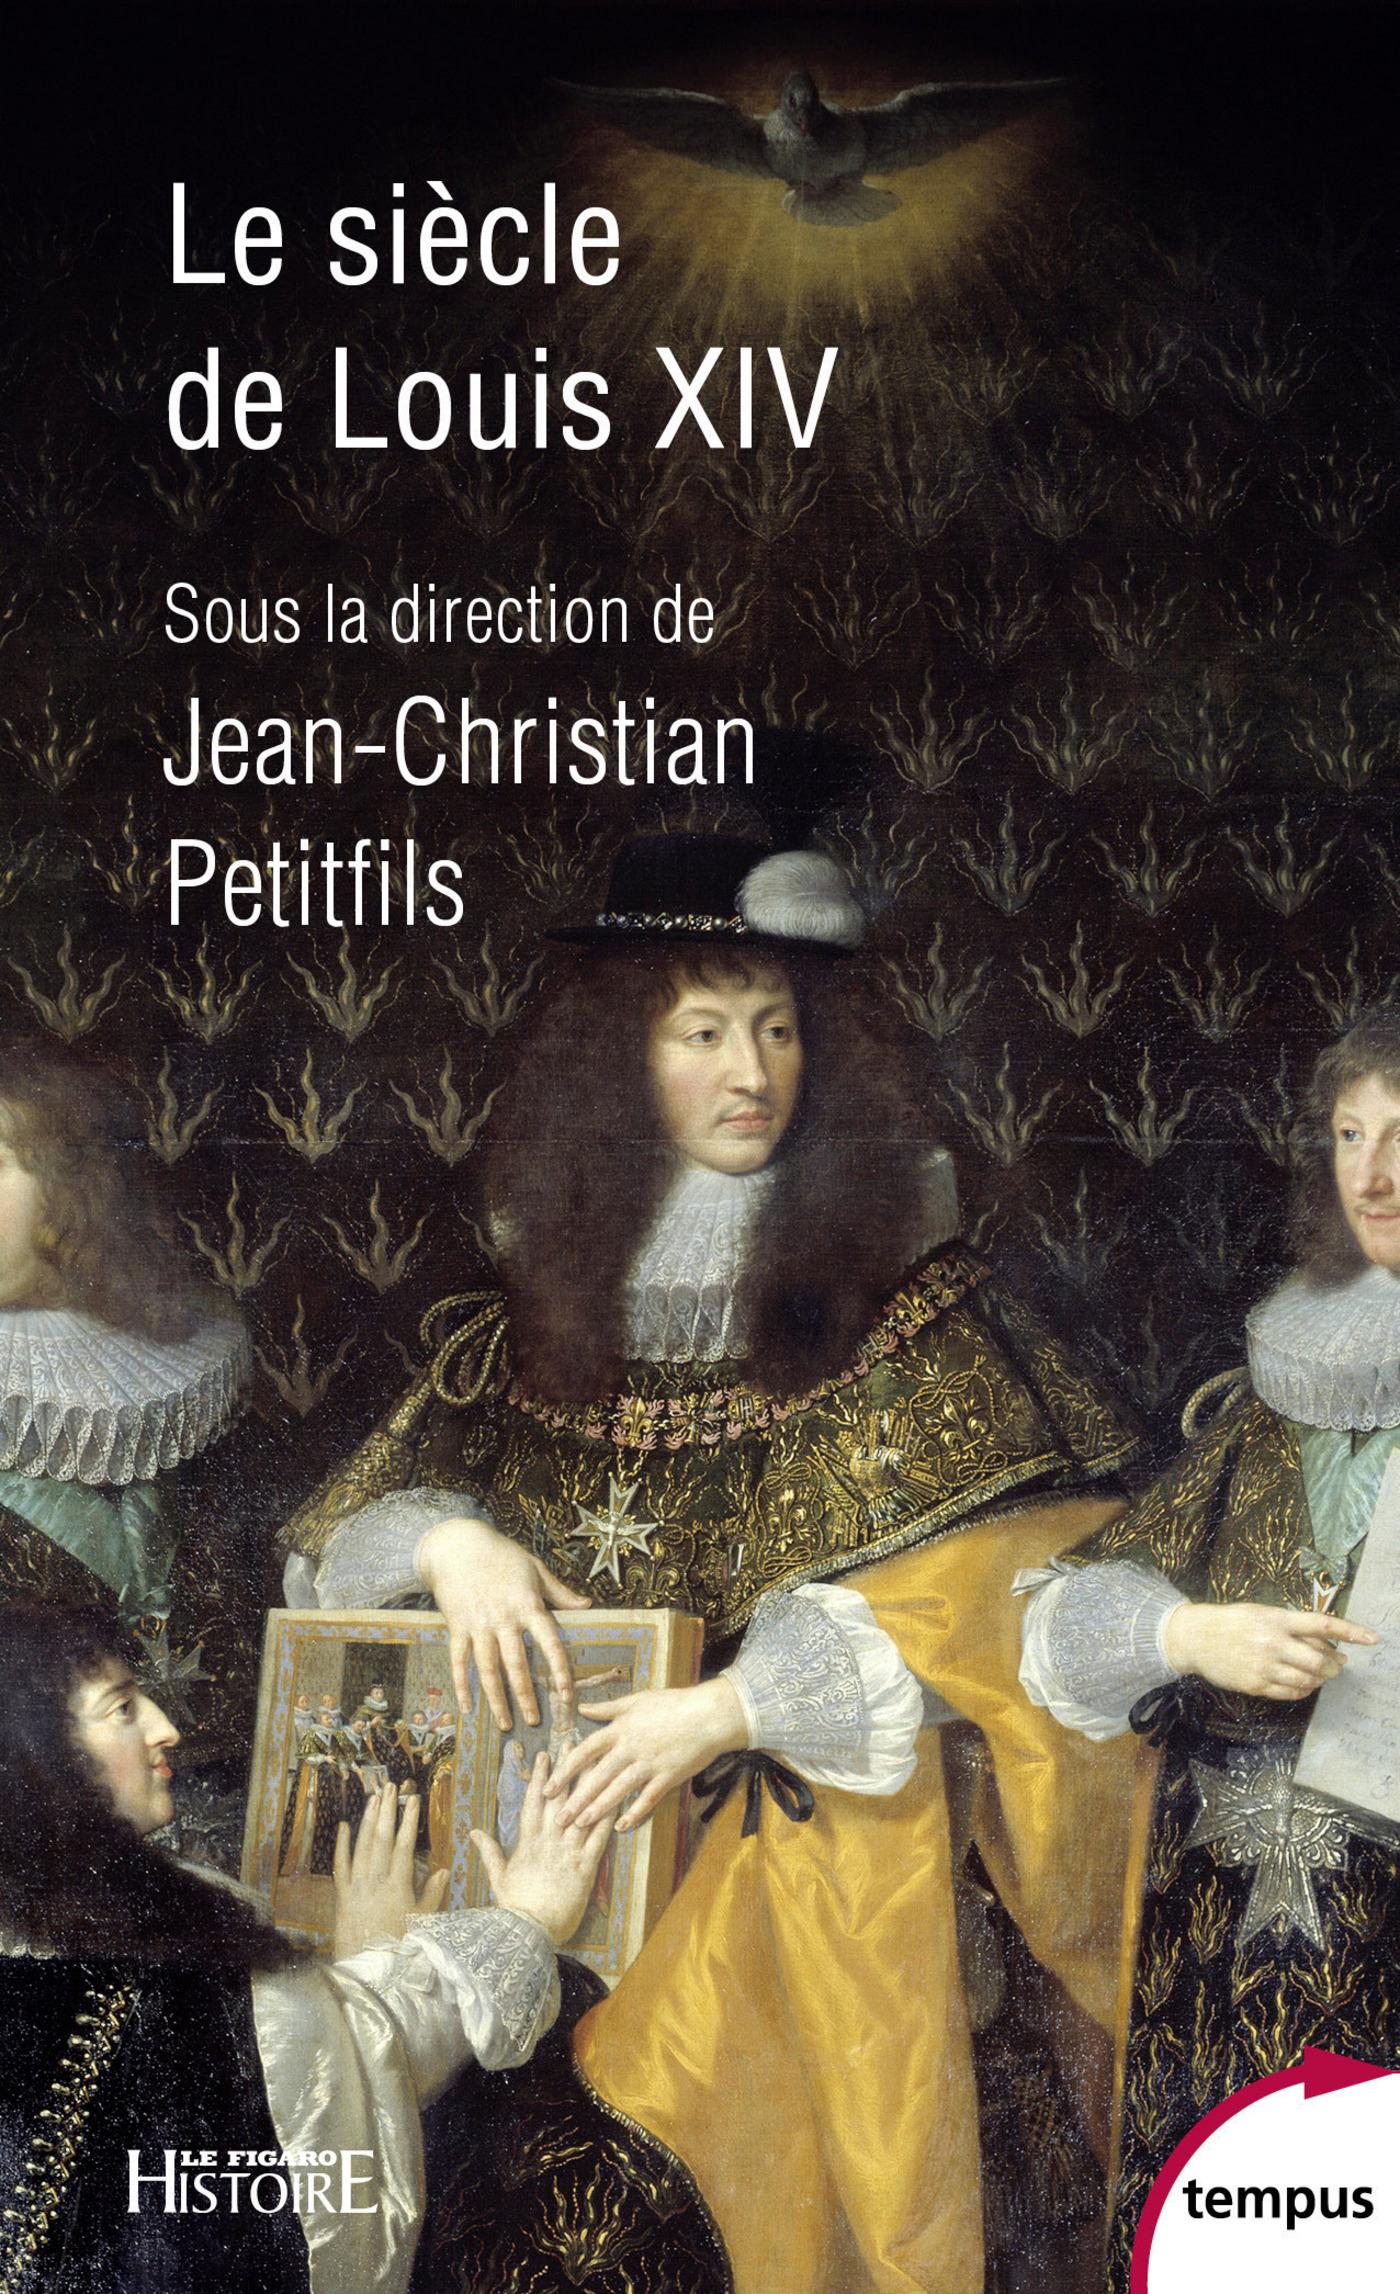 Le si?cle de Louis XIV